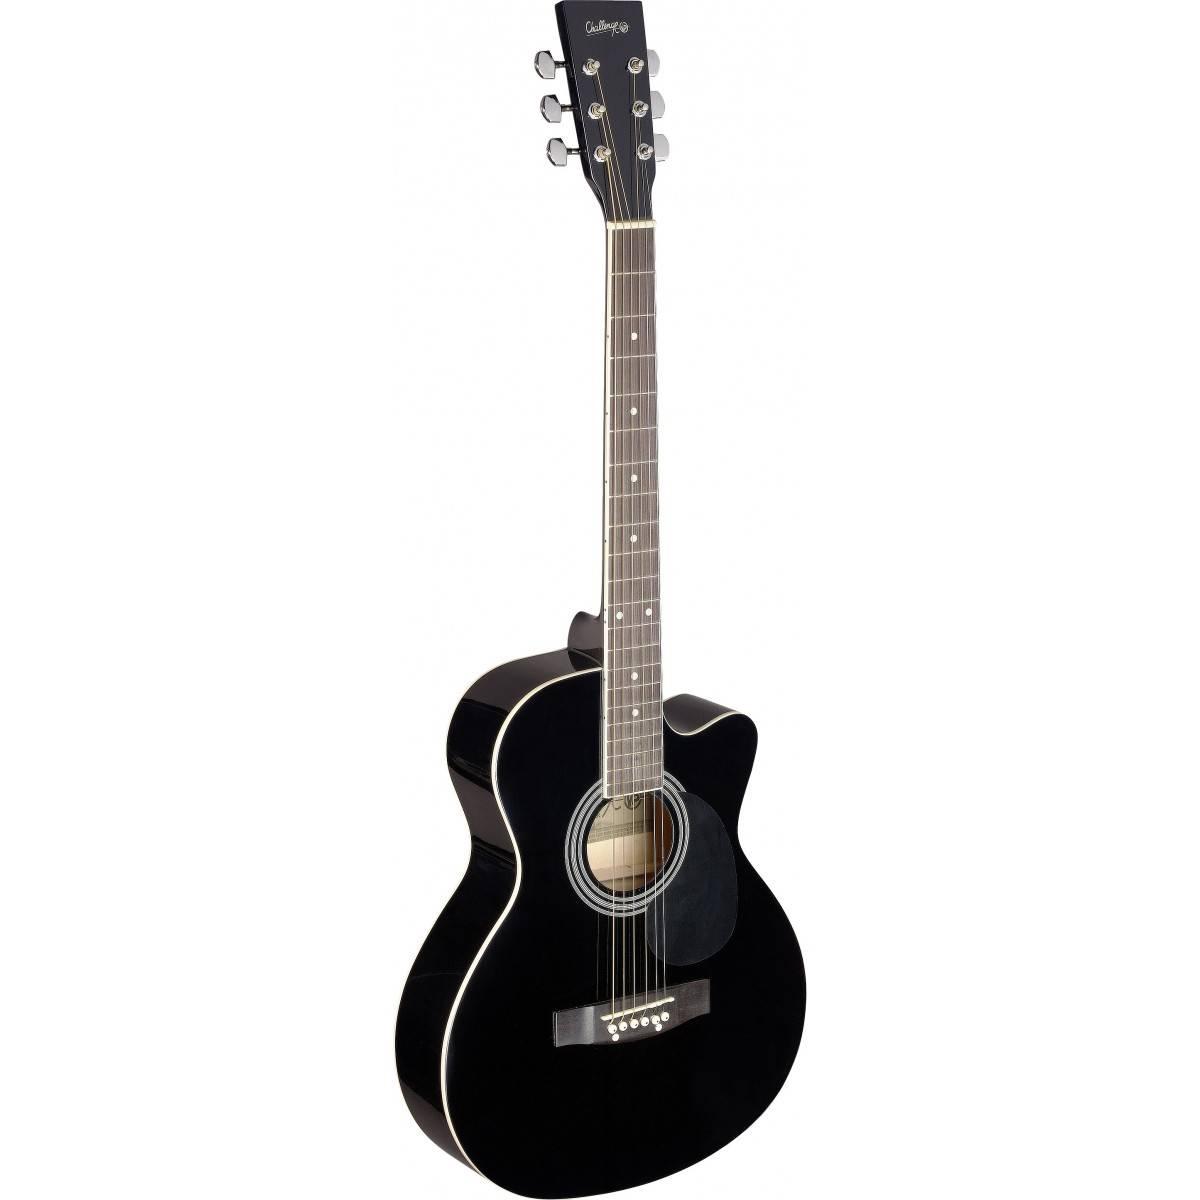 guitare folk acoustique noir taille 4 4 noizikidz. Black Bedroom Furniture Sets. Home Design Ideas